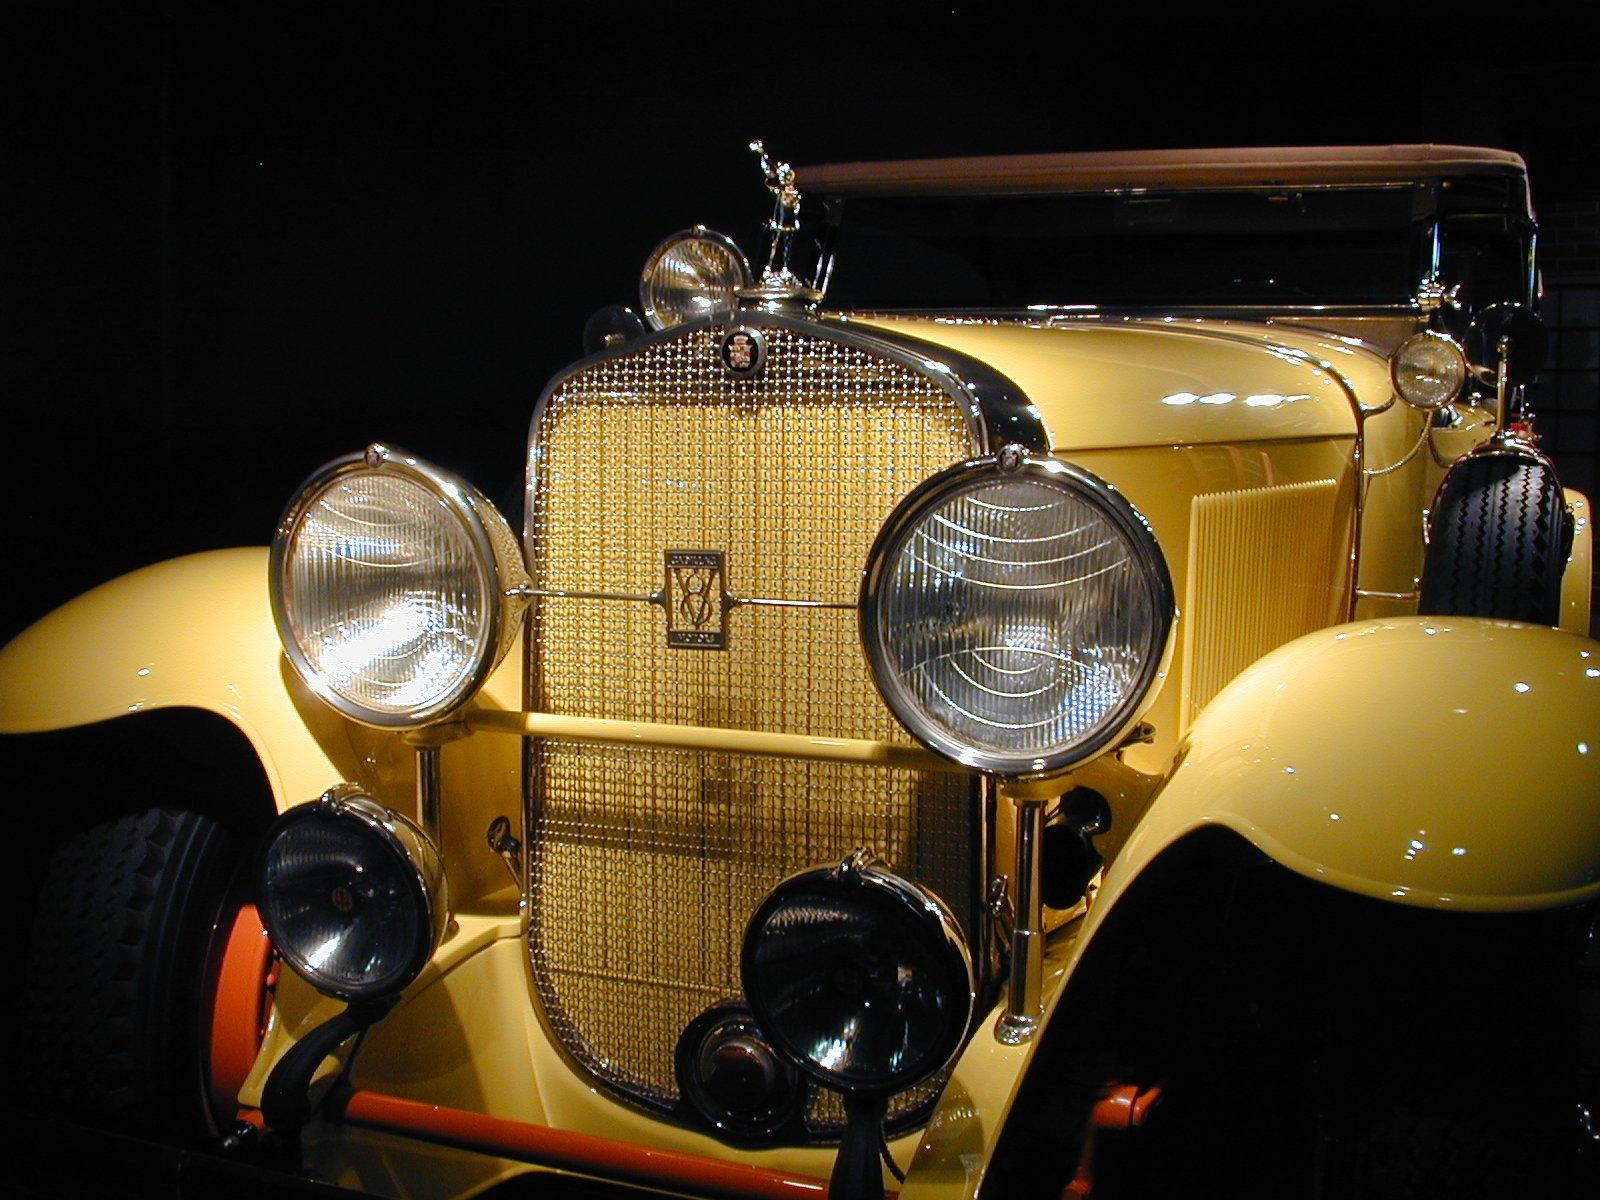 座驾 - 1929 Cadillac V-8 Dual Cowl Phaeton  壁纸